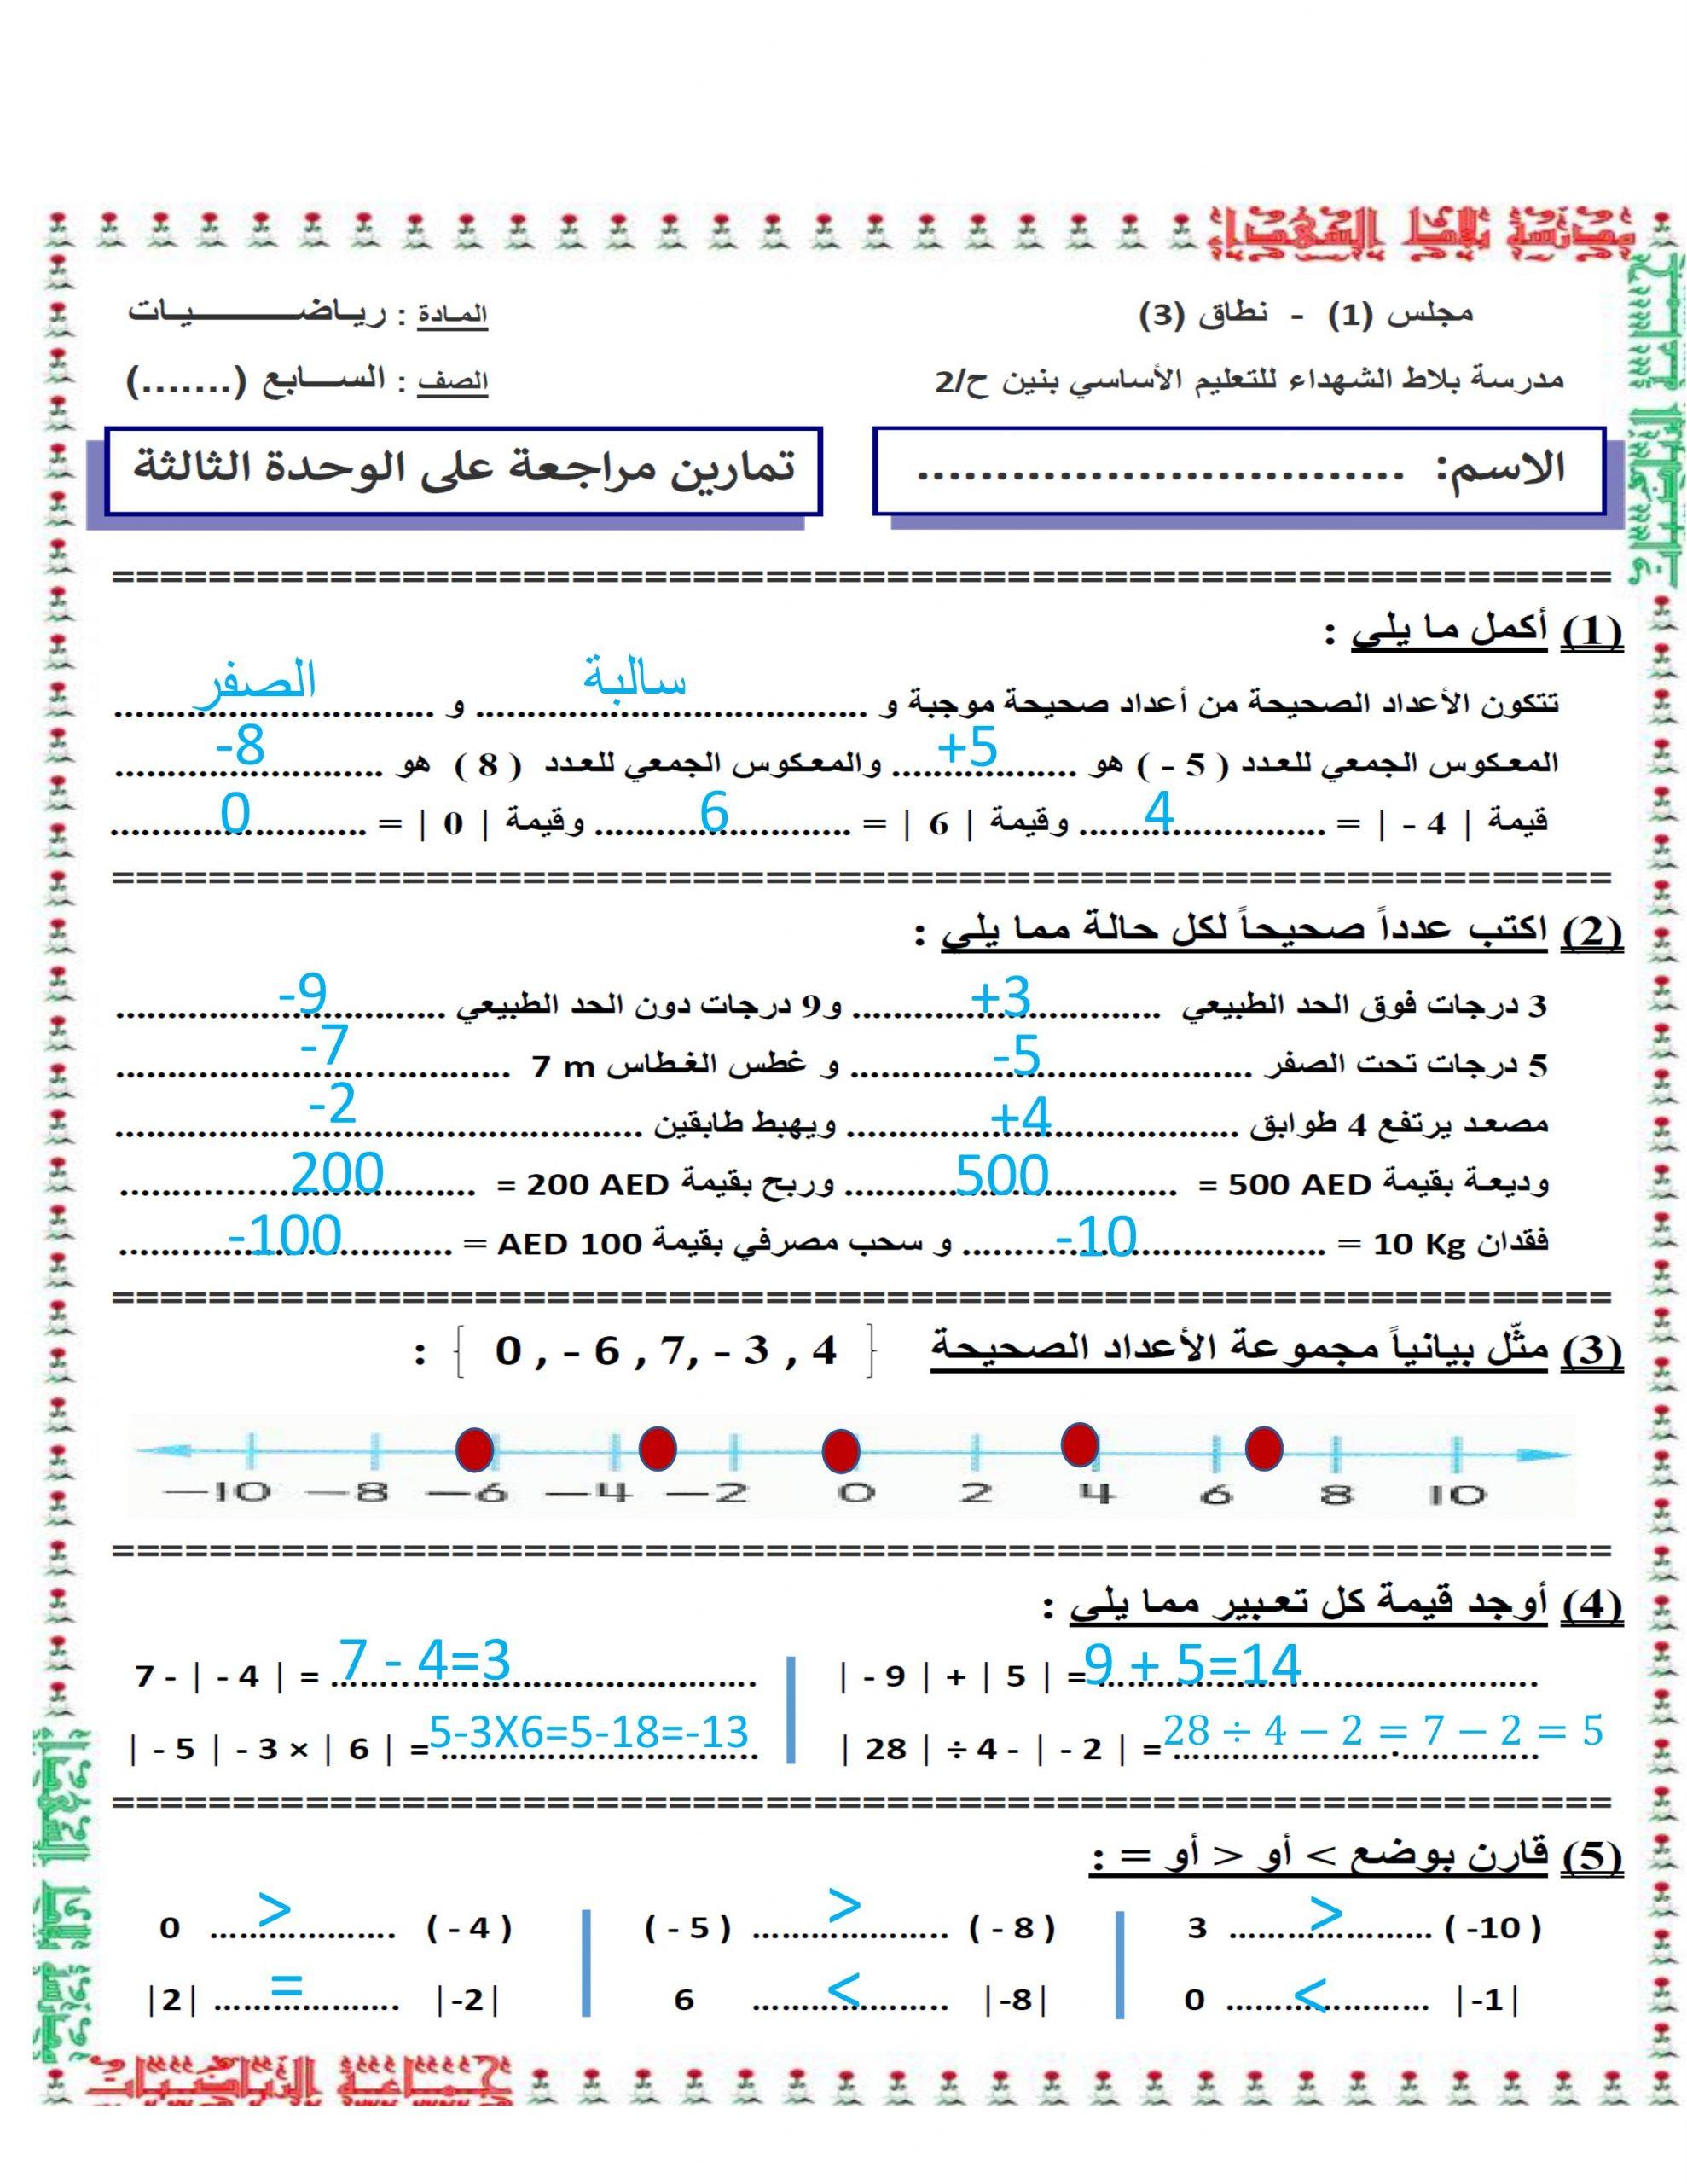 حل اوراق عمل الوحدة الثالثة الصف السابع مادة الرياضيات المتكاملة